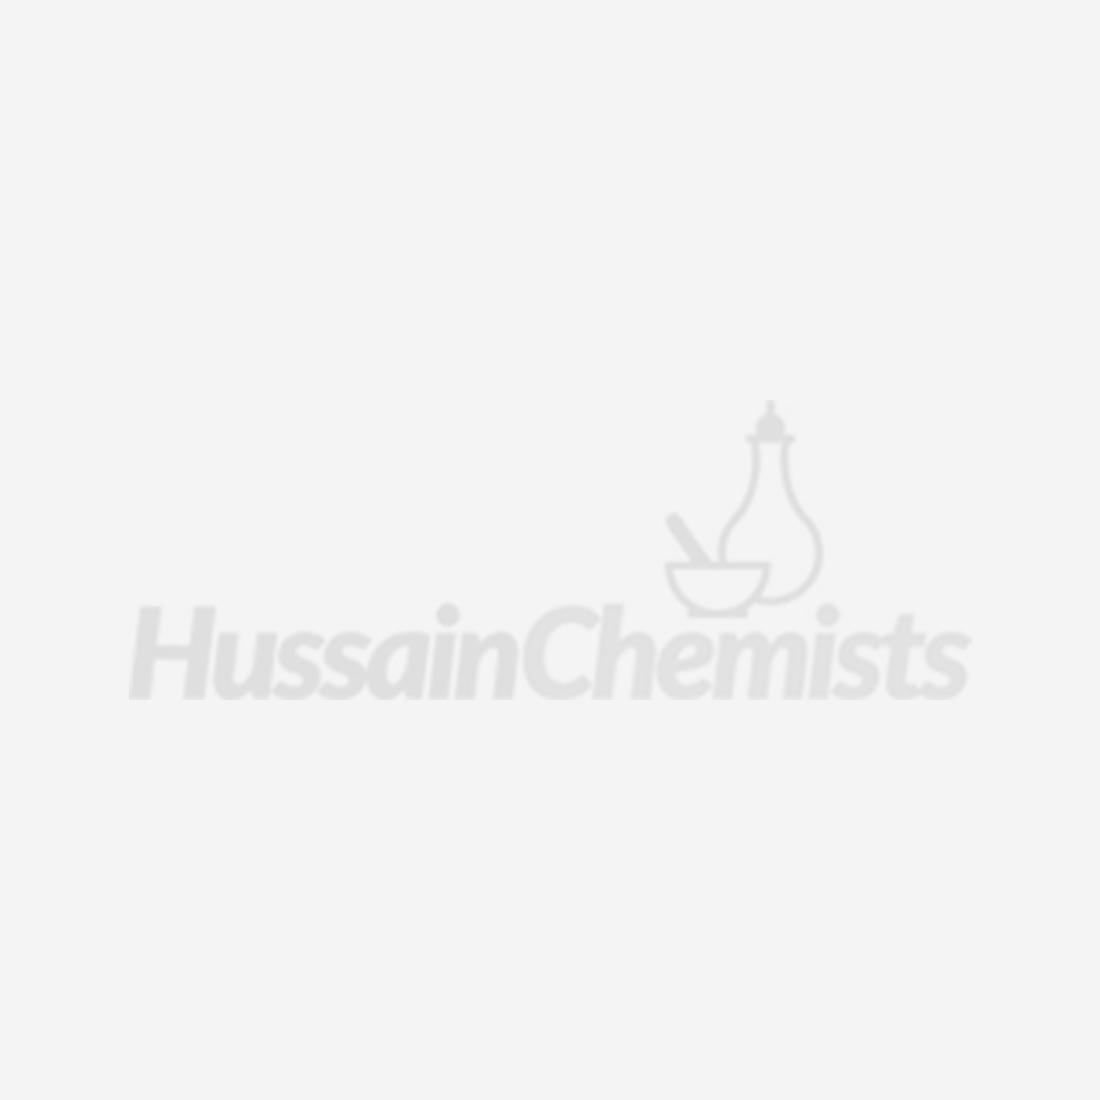 Nurofen 200mg Caplets Ibuprofen (24 caplets)